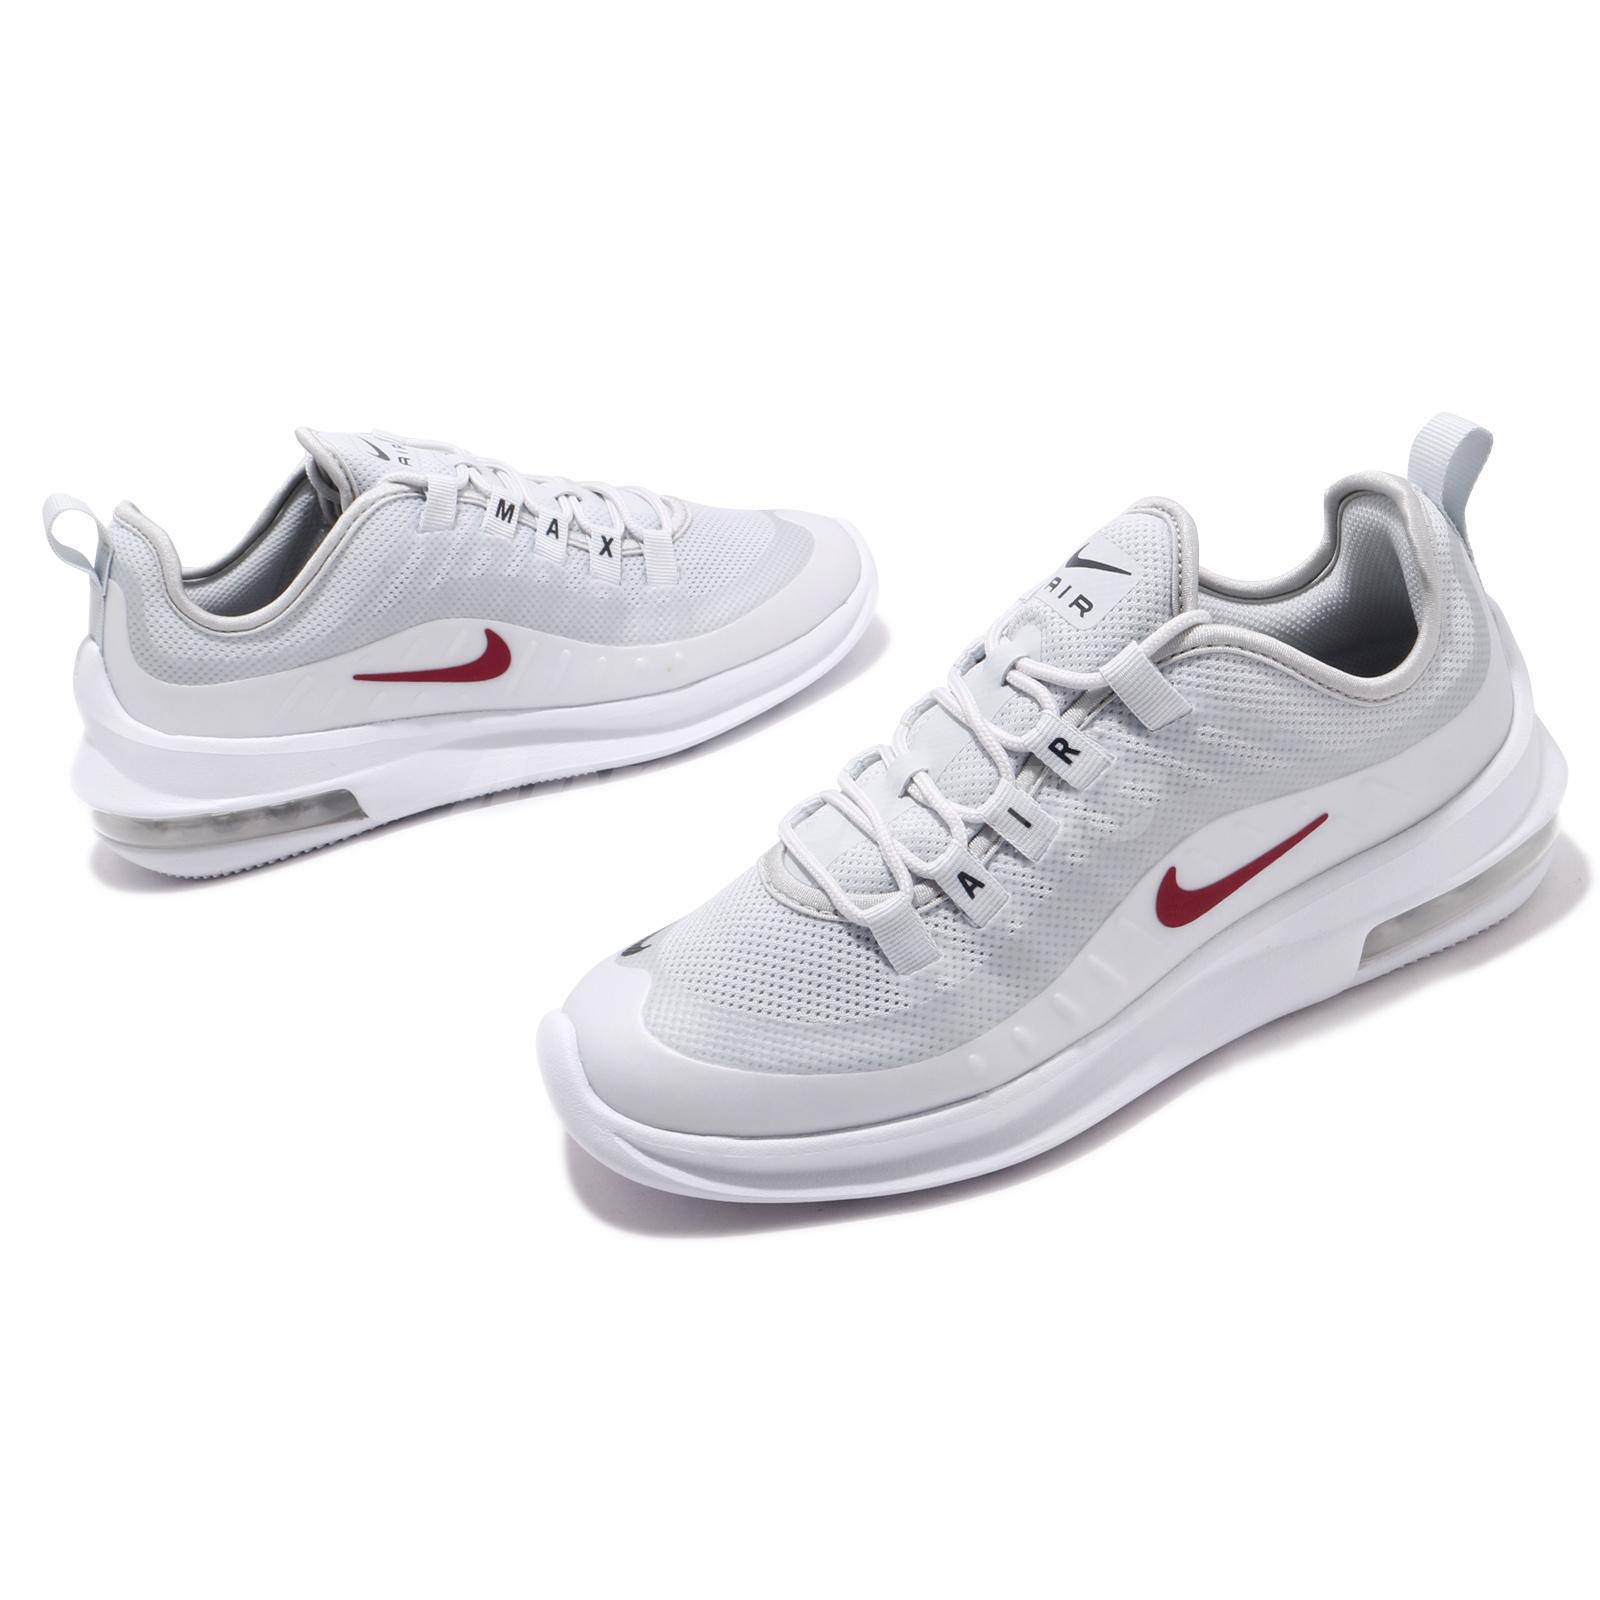 Nike Wmns Air Max Axis Pure Platinum